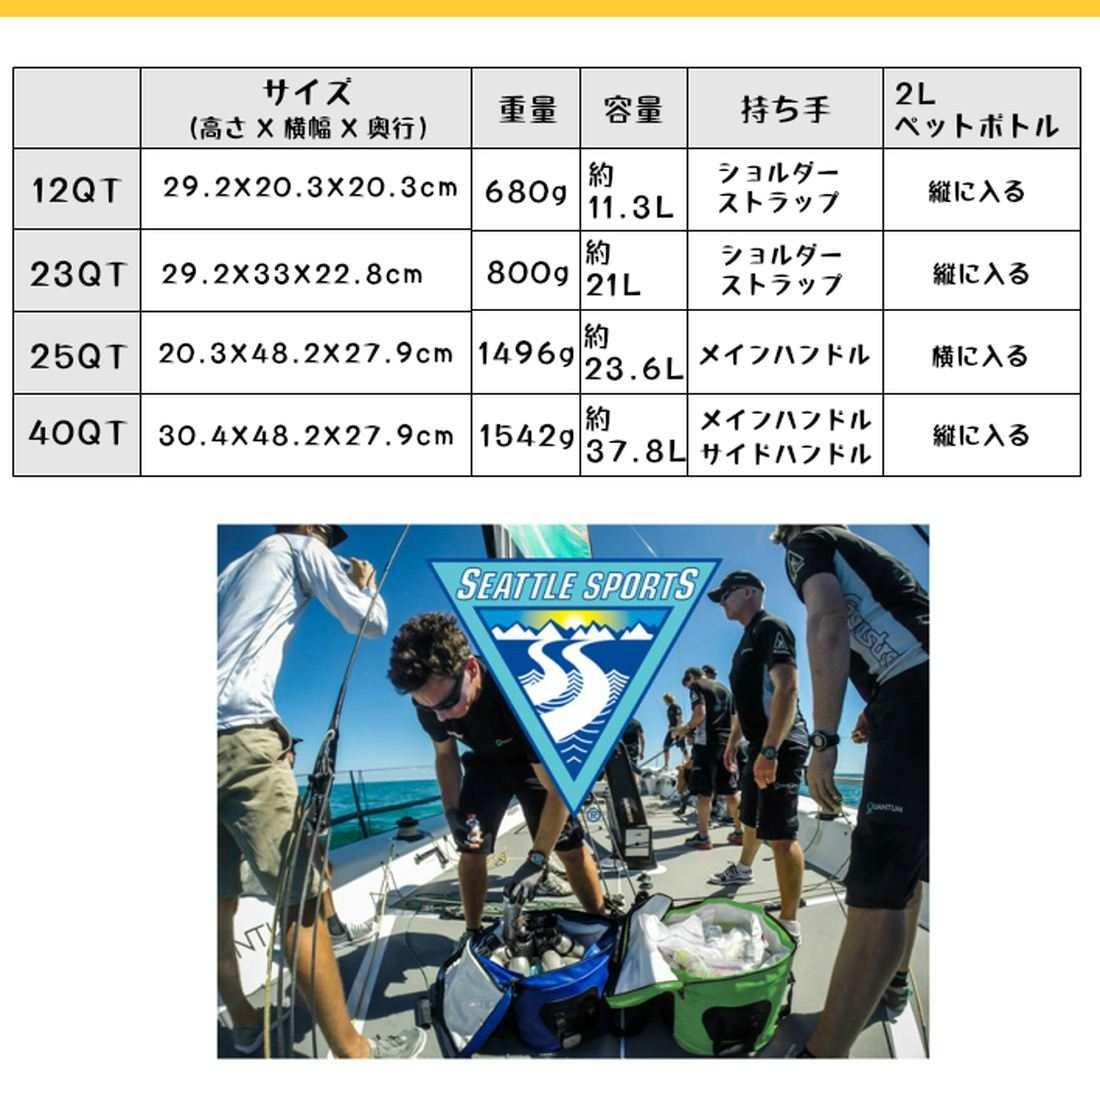 シアトルスポーツ フロストパック 23クォート UPDATEモデル ソフトクーラー 21L  国内正規品